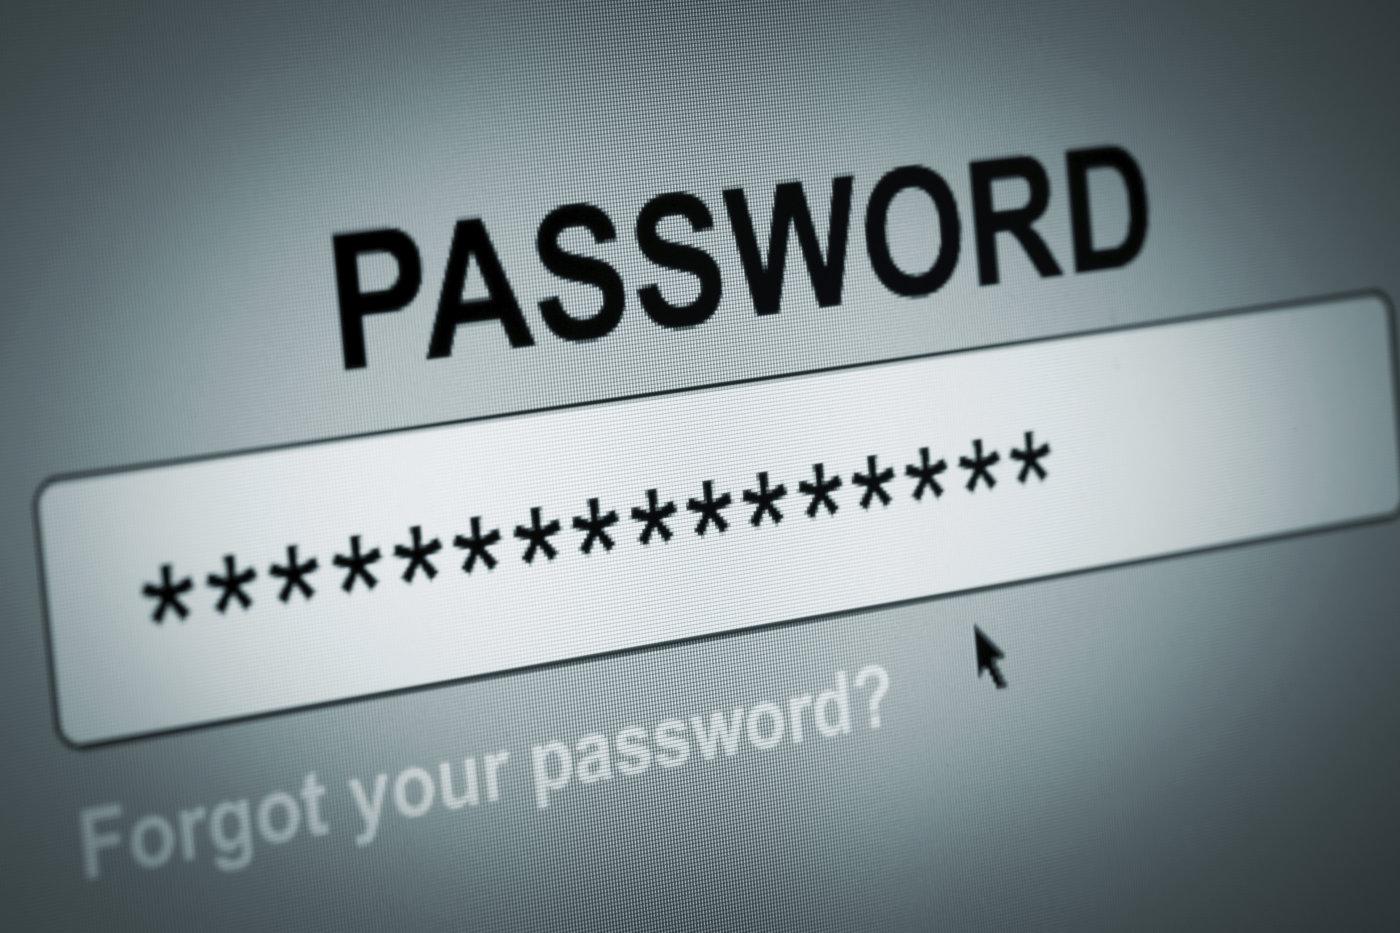 Project Abacus от Google: биометрия вместо пароля - 1